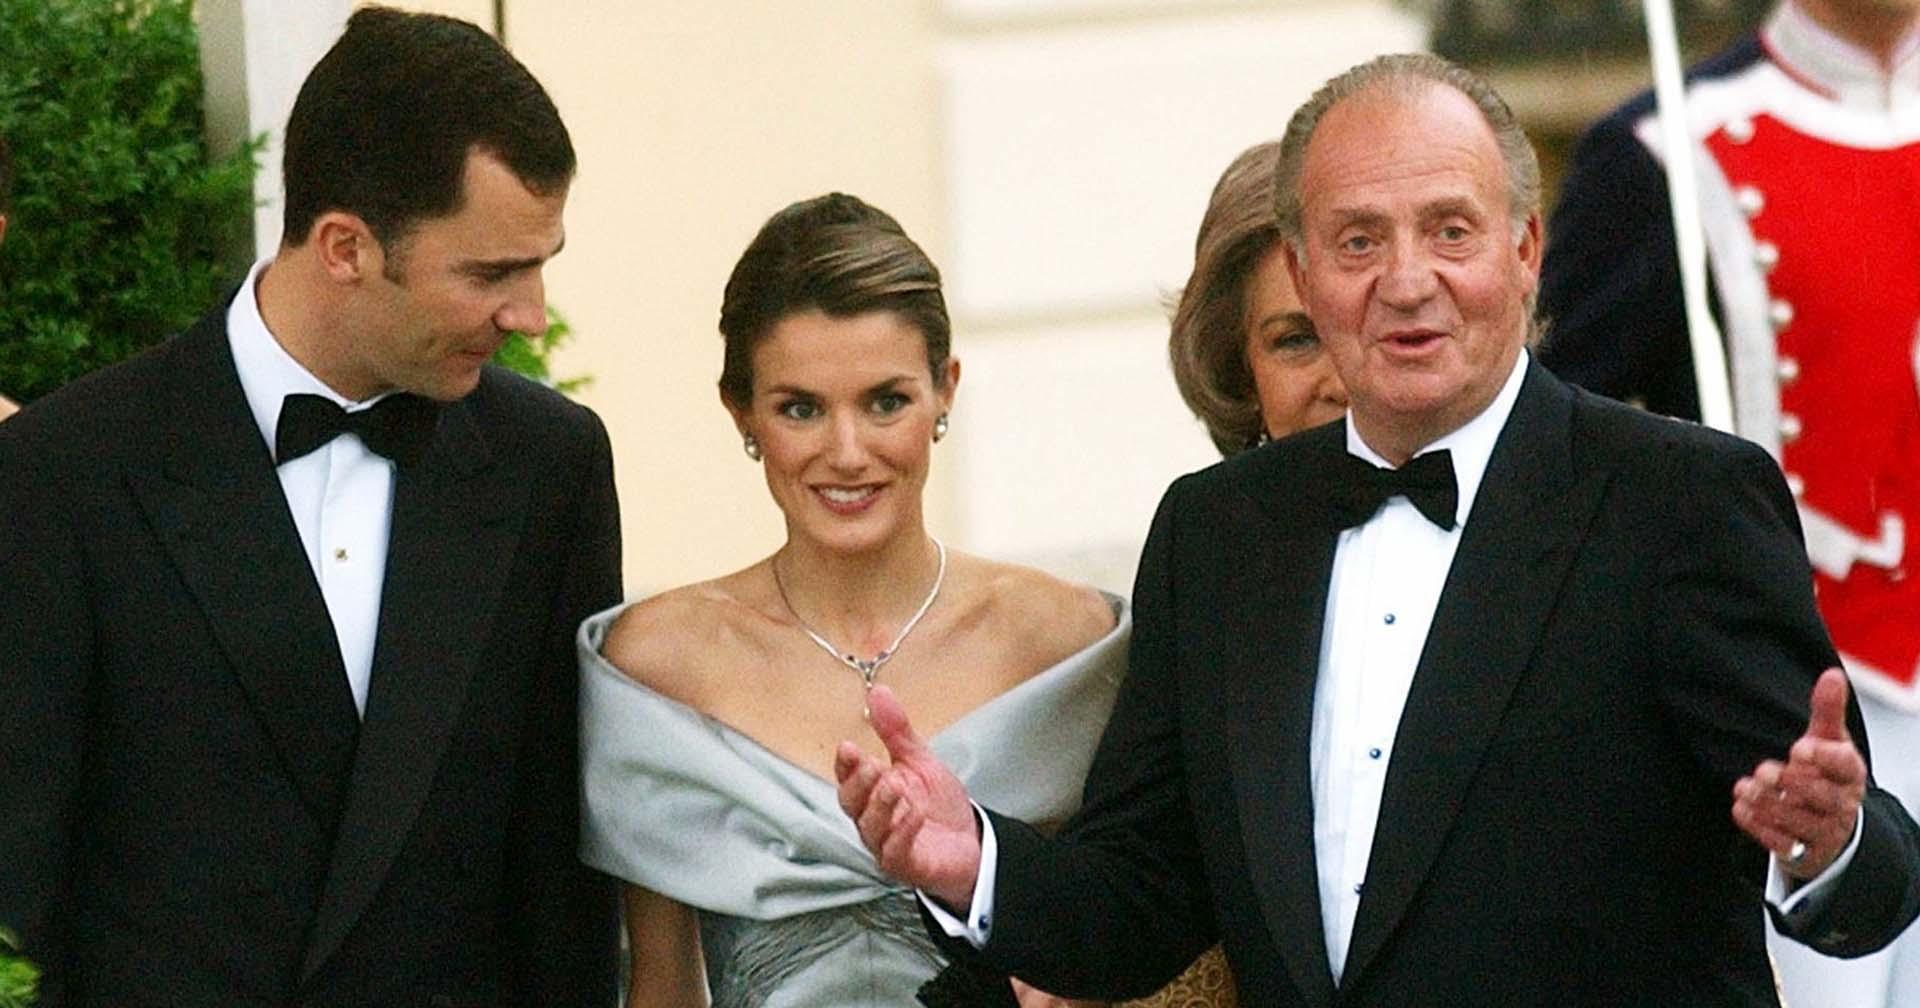 Los futuros novios eran tapa de todas las revistas y se volvieron el blanco de las críticas. Se supo que al principio los Reyes de España Juan Carlos y Sofía se opusieron al enlace. Sin embargo, Felipe insistió por su amor. En esta foto, durante una gala el día previo a la boda real.